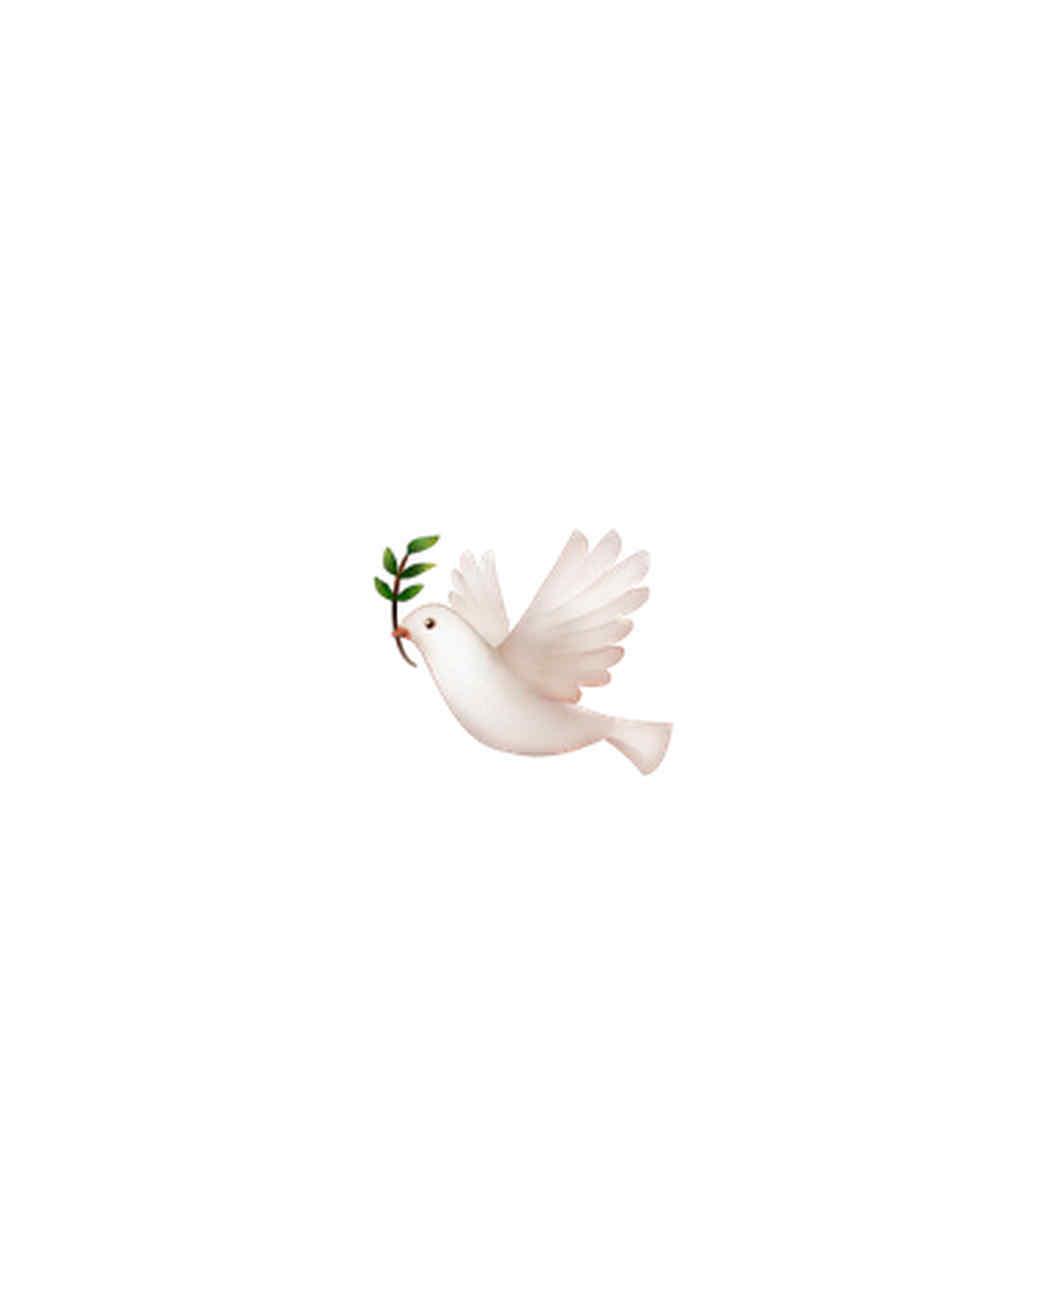 emoji-dove-1015.jpg